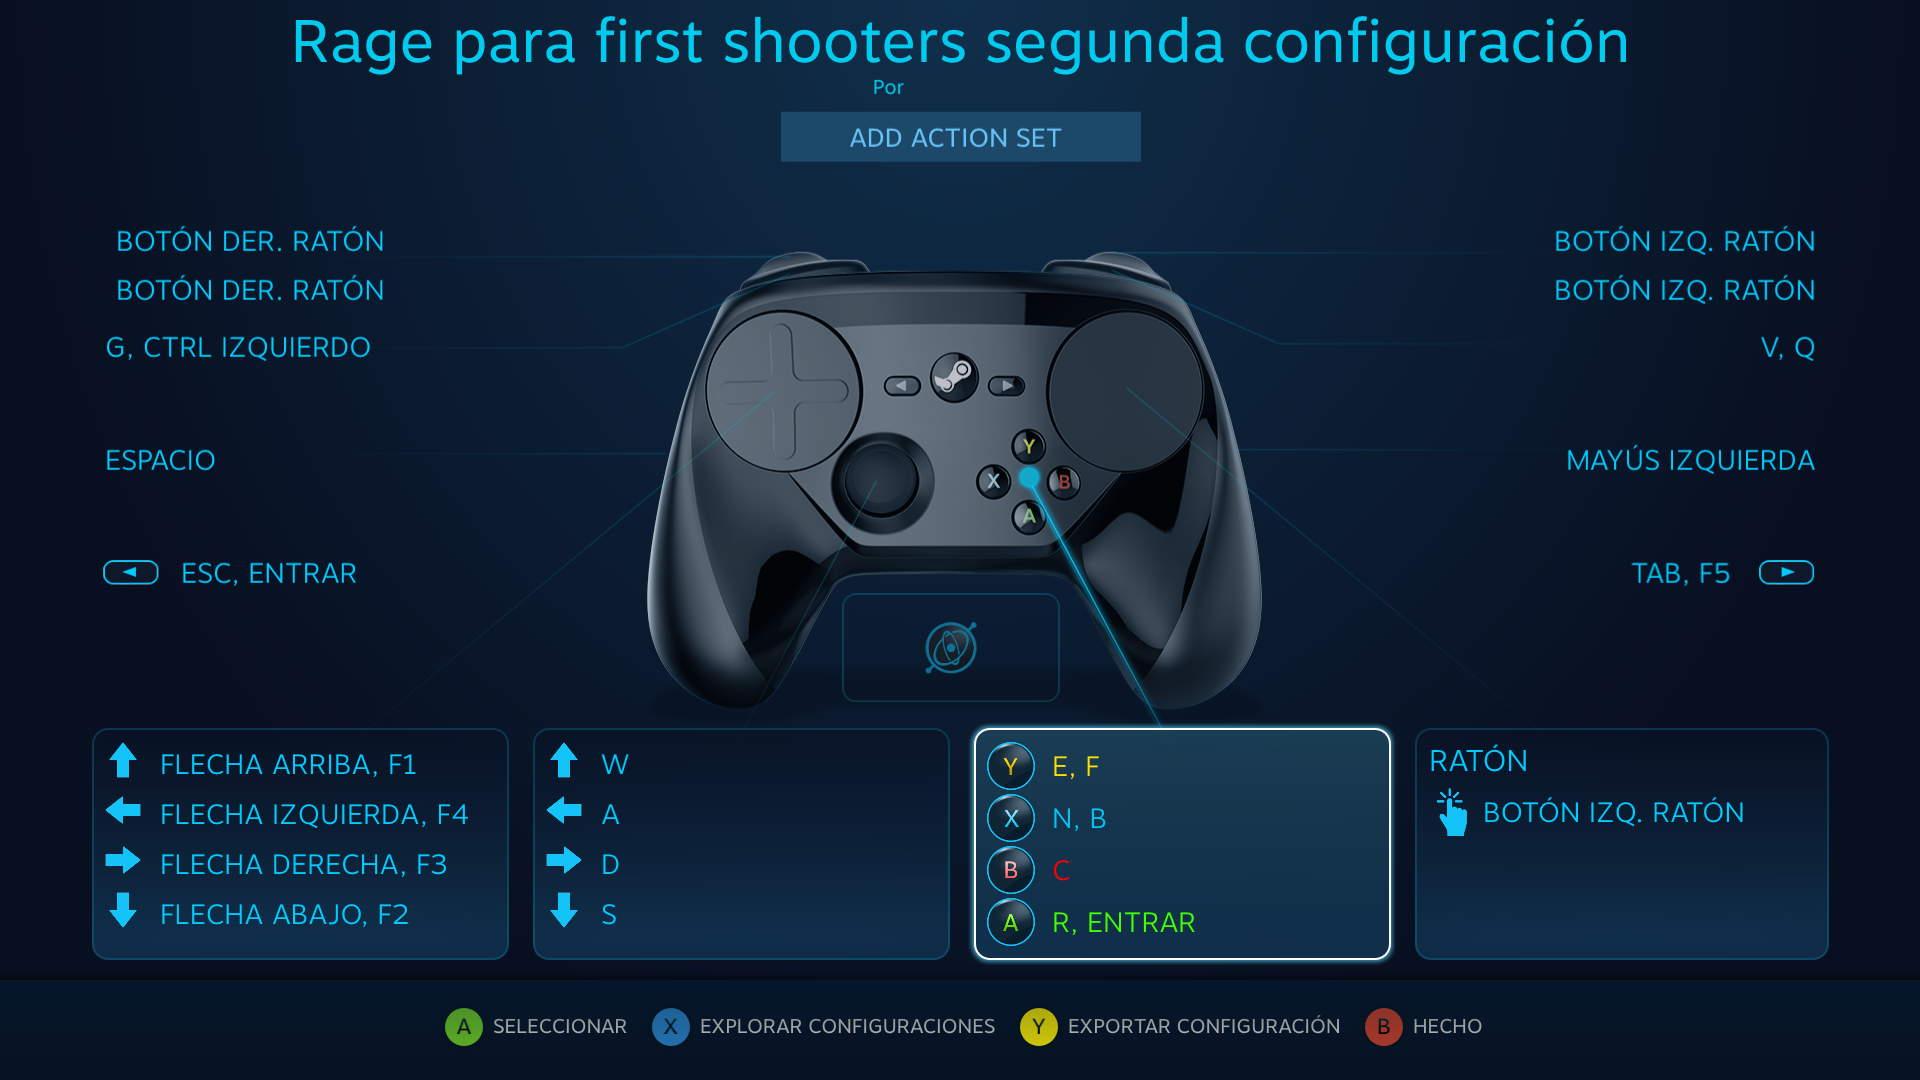 Configuración del Steam Controller para Rage